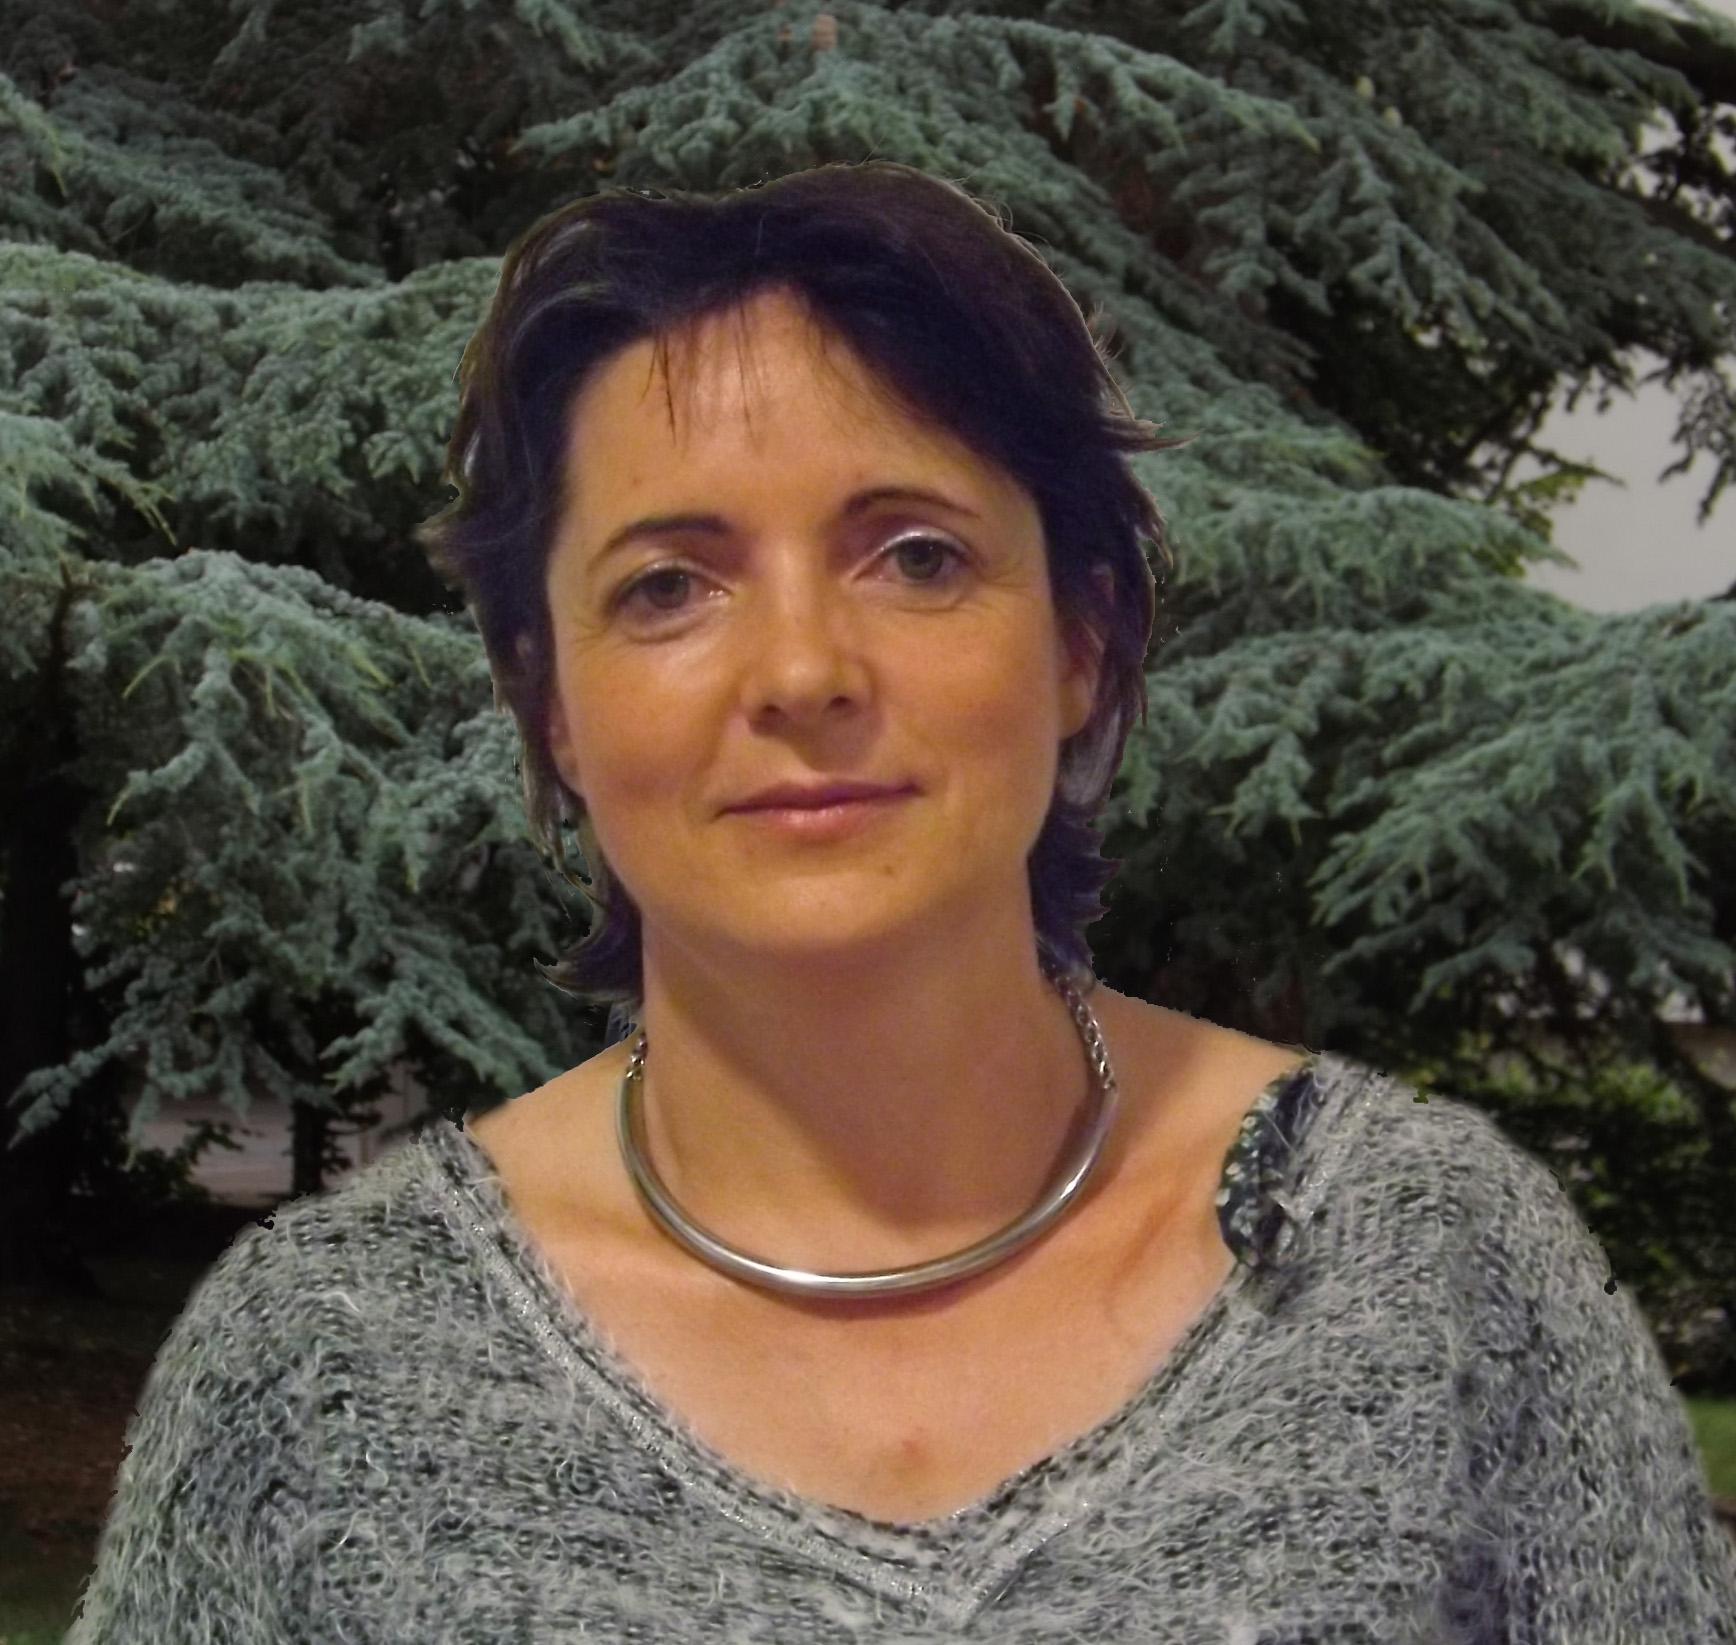 Murielle Torres